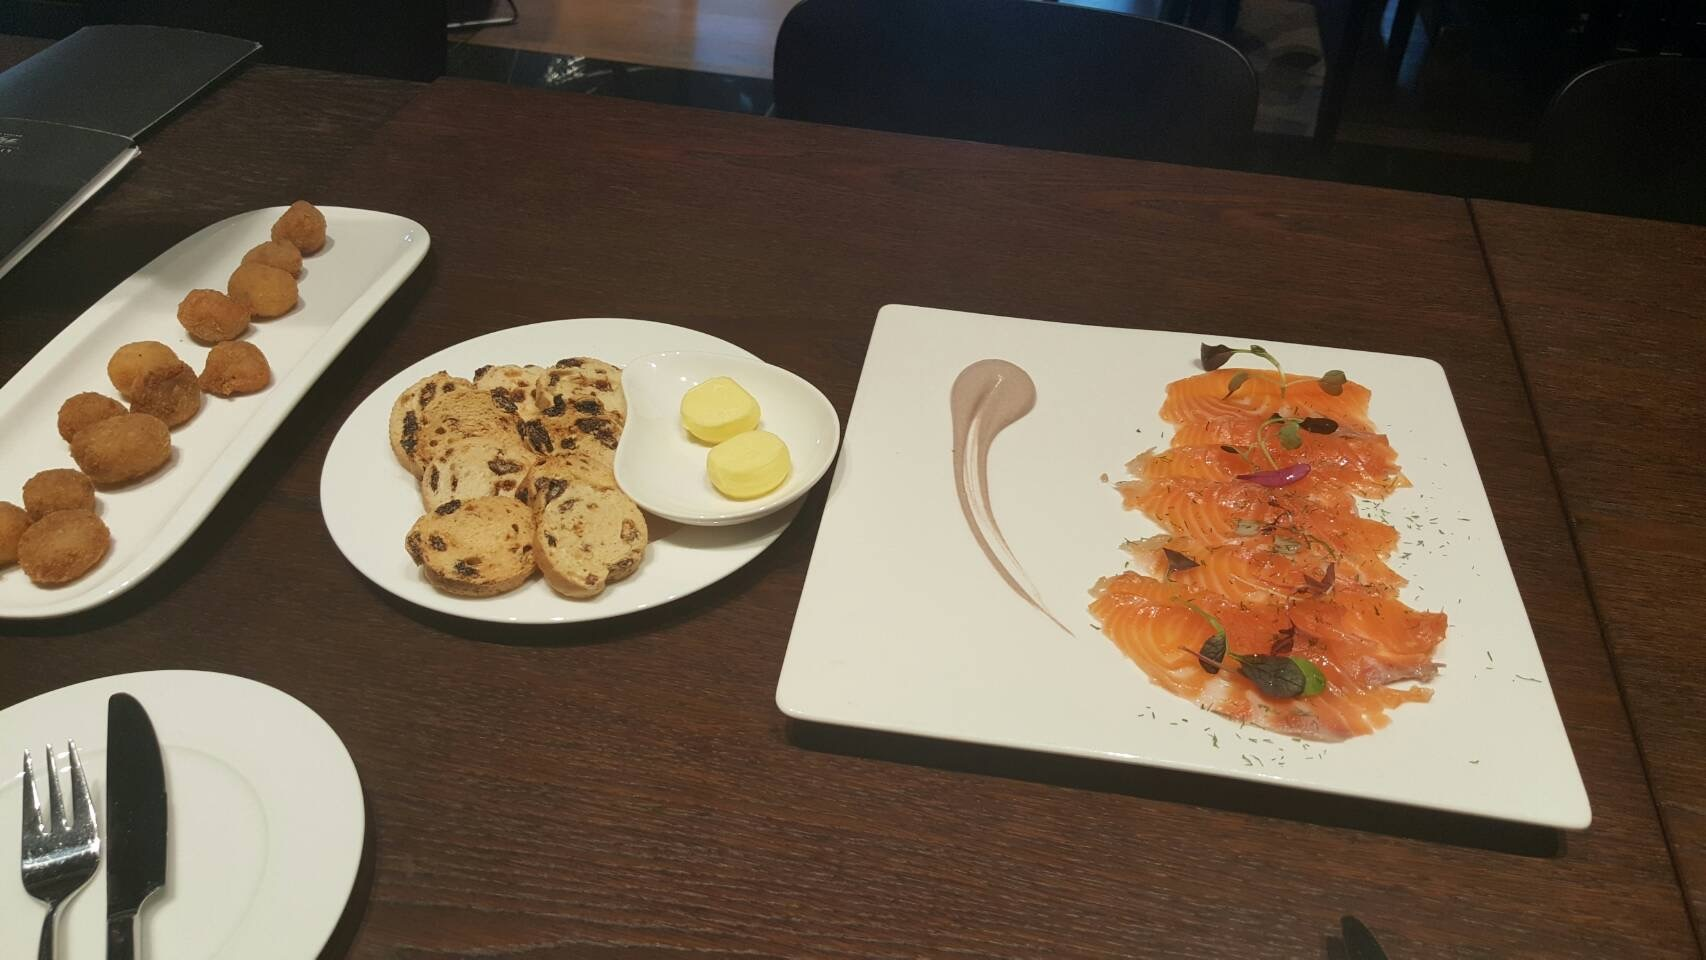 2017年GW スペインバスク地方、ワイナリーと バル巡りの旅 その4 ビルバオを一望できるレストランで_a0223786_13301576.jpg